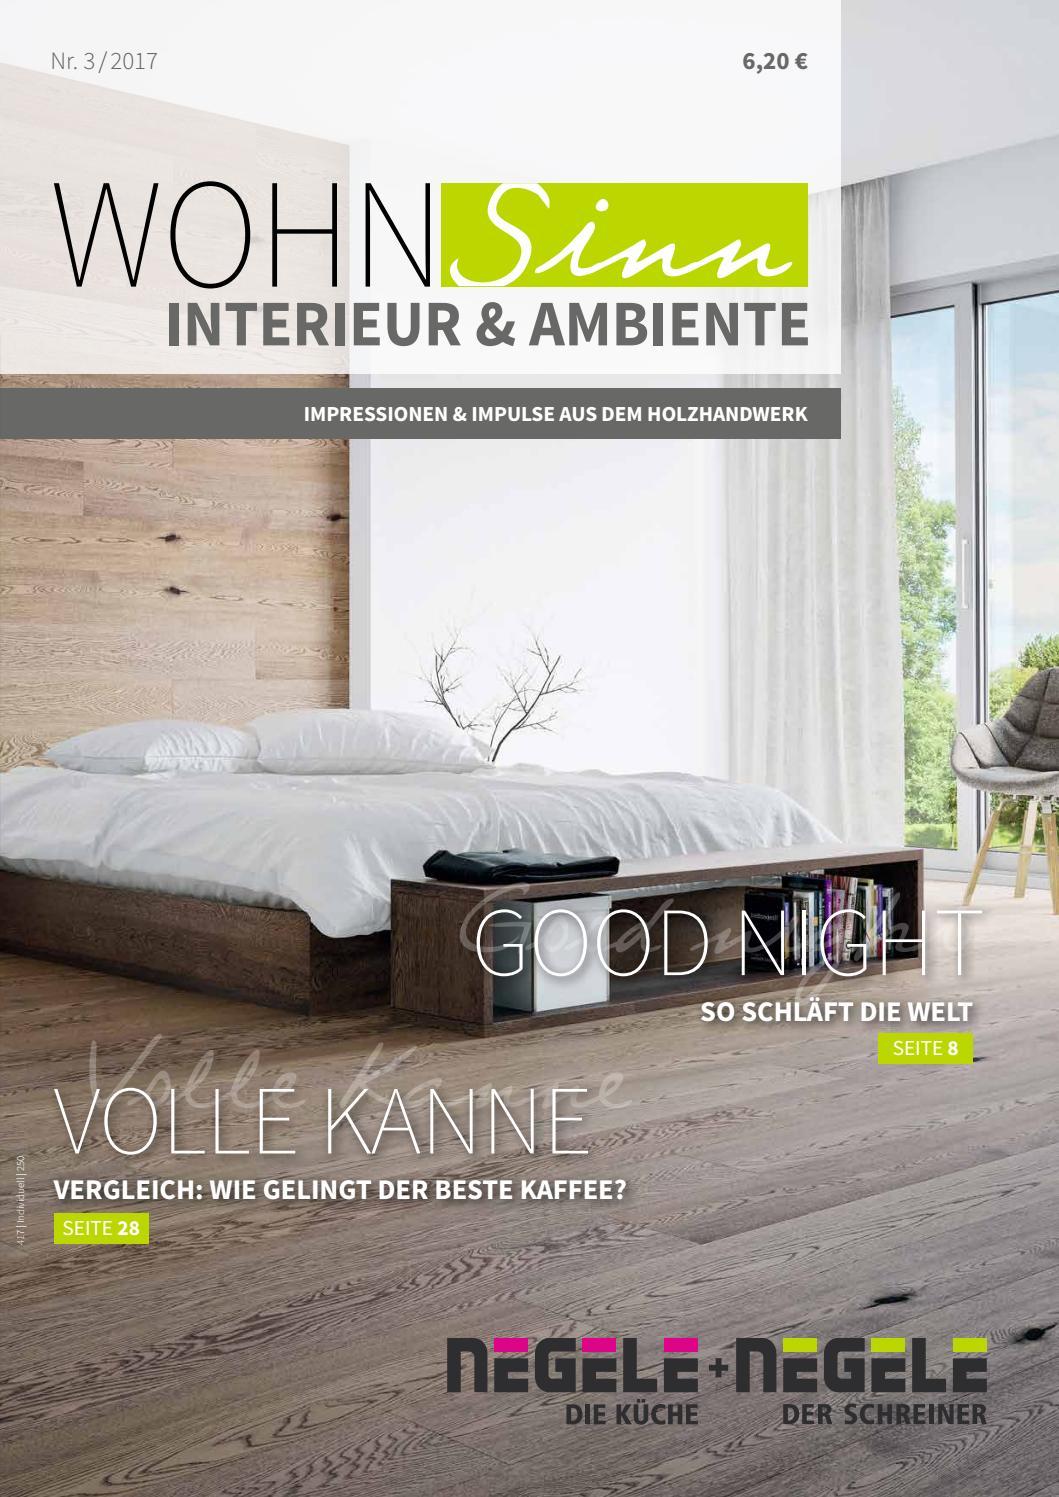 417 negele indi 317 k0 teil 1 teil2 komplett by TopaTeam GmbH - issuu